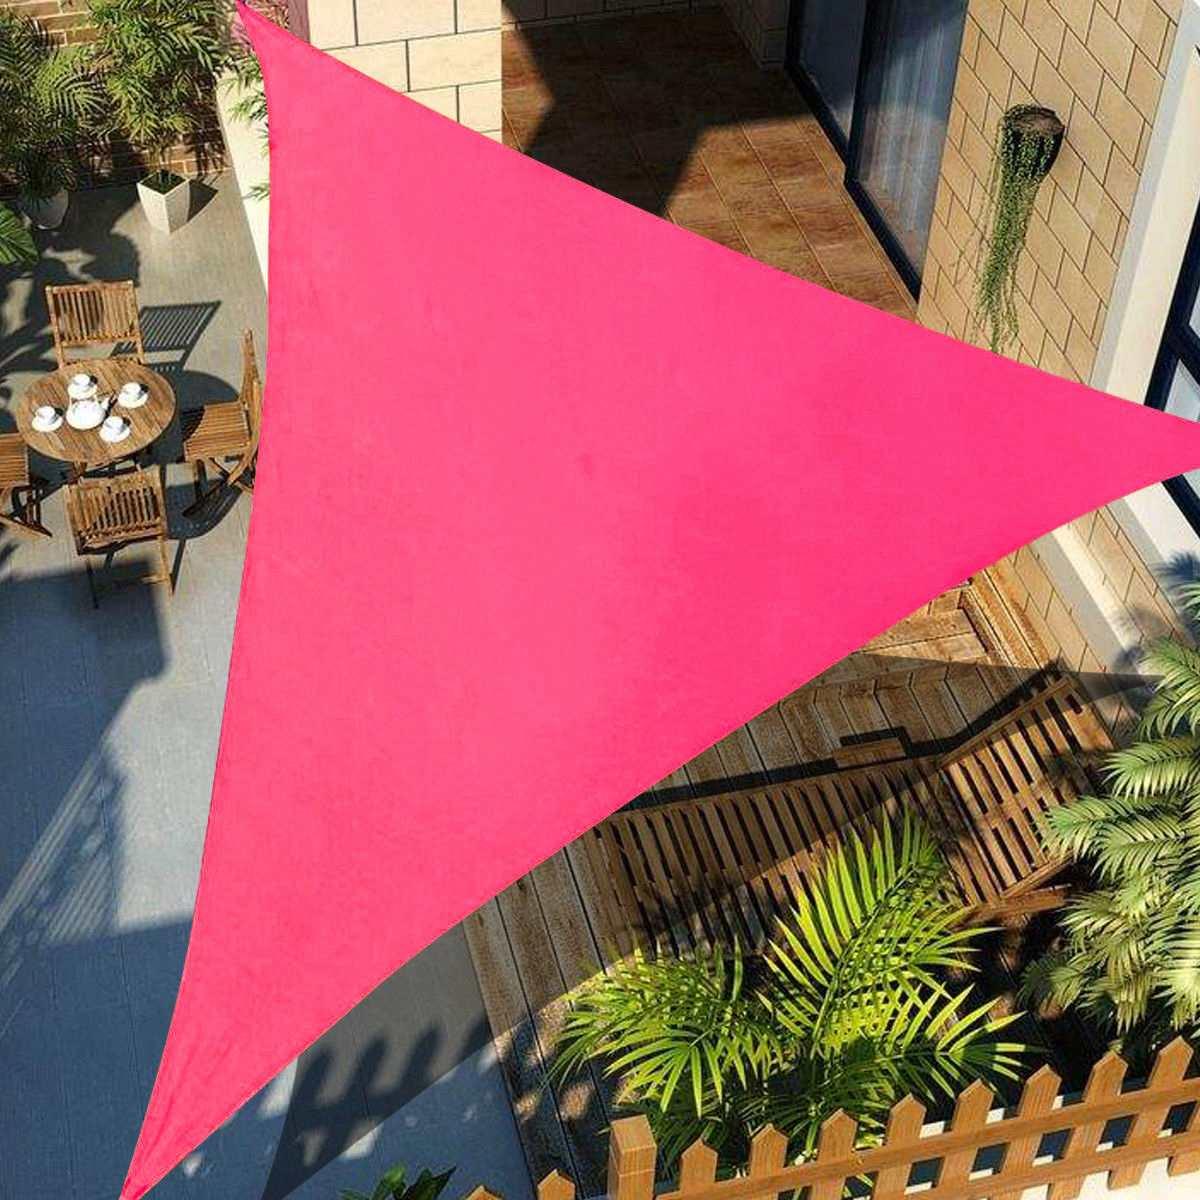 Rosa Roja 300D 160GSM poliéster Oxford tela cuadrada rectangular triángulo sombra vela piscina cubierta tienda para la protección solar impermeable Nuevas luces de techo modernas, lámpara de comedor de diseño moderno, lámpara colgante de cristal, sombra blanca, brillo Acrílico